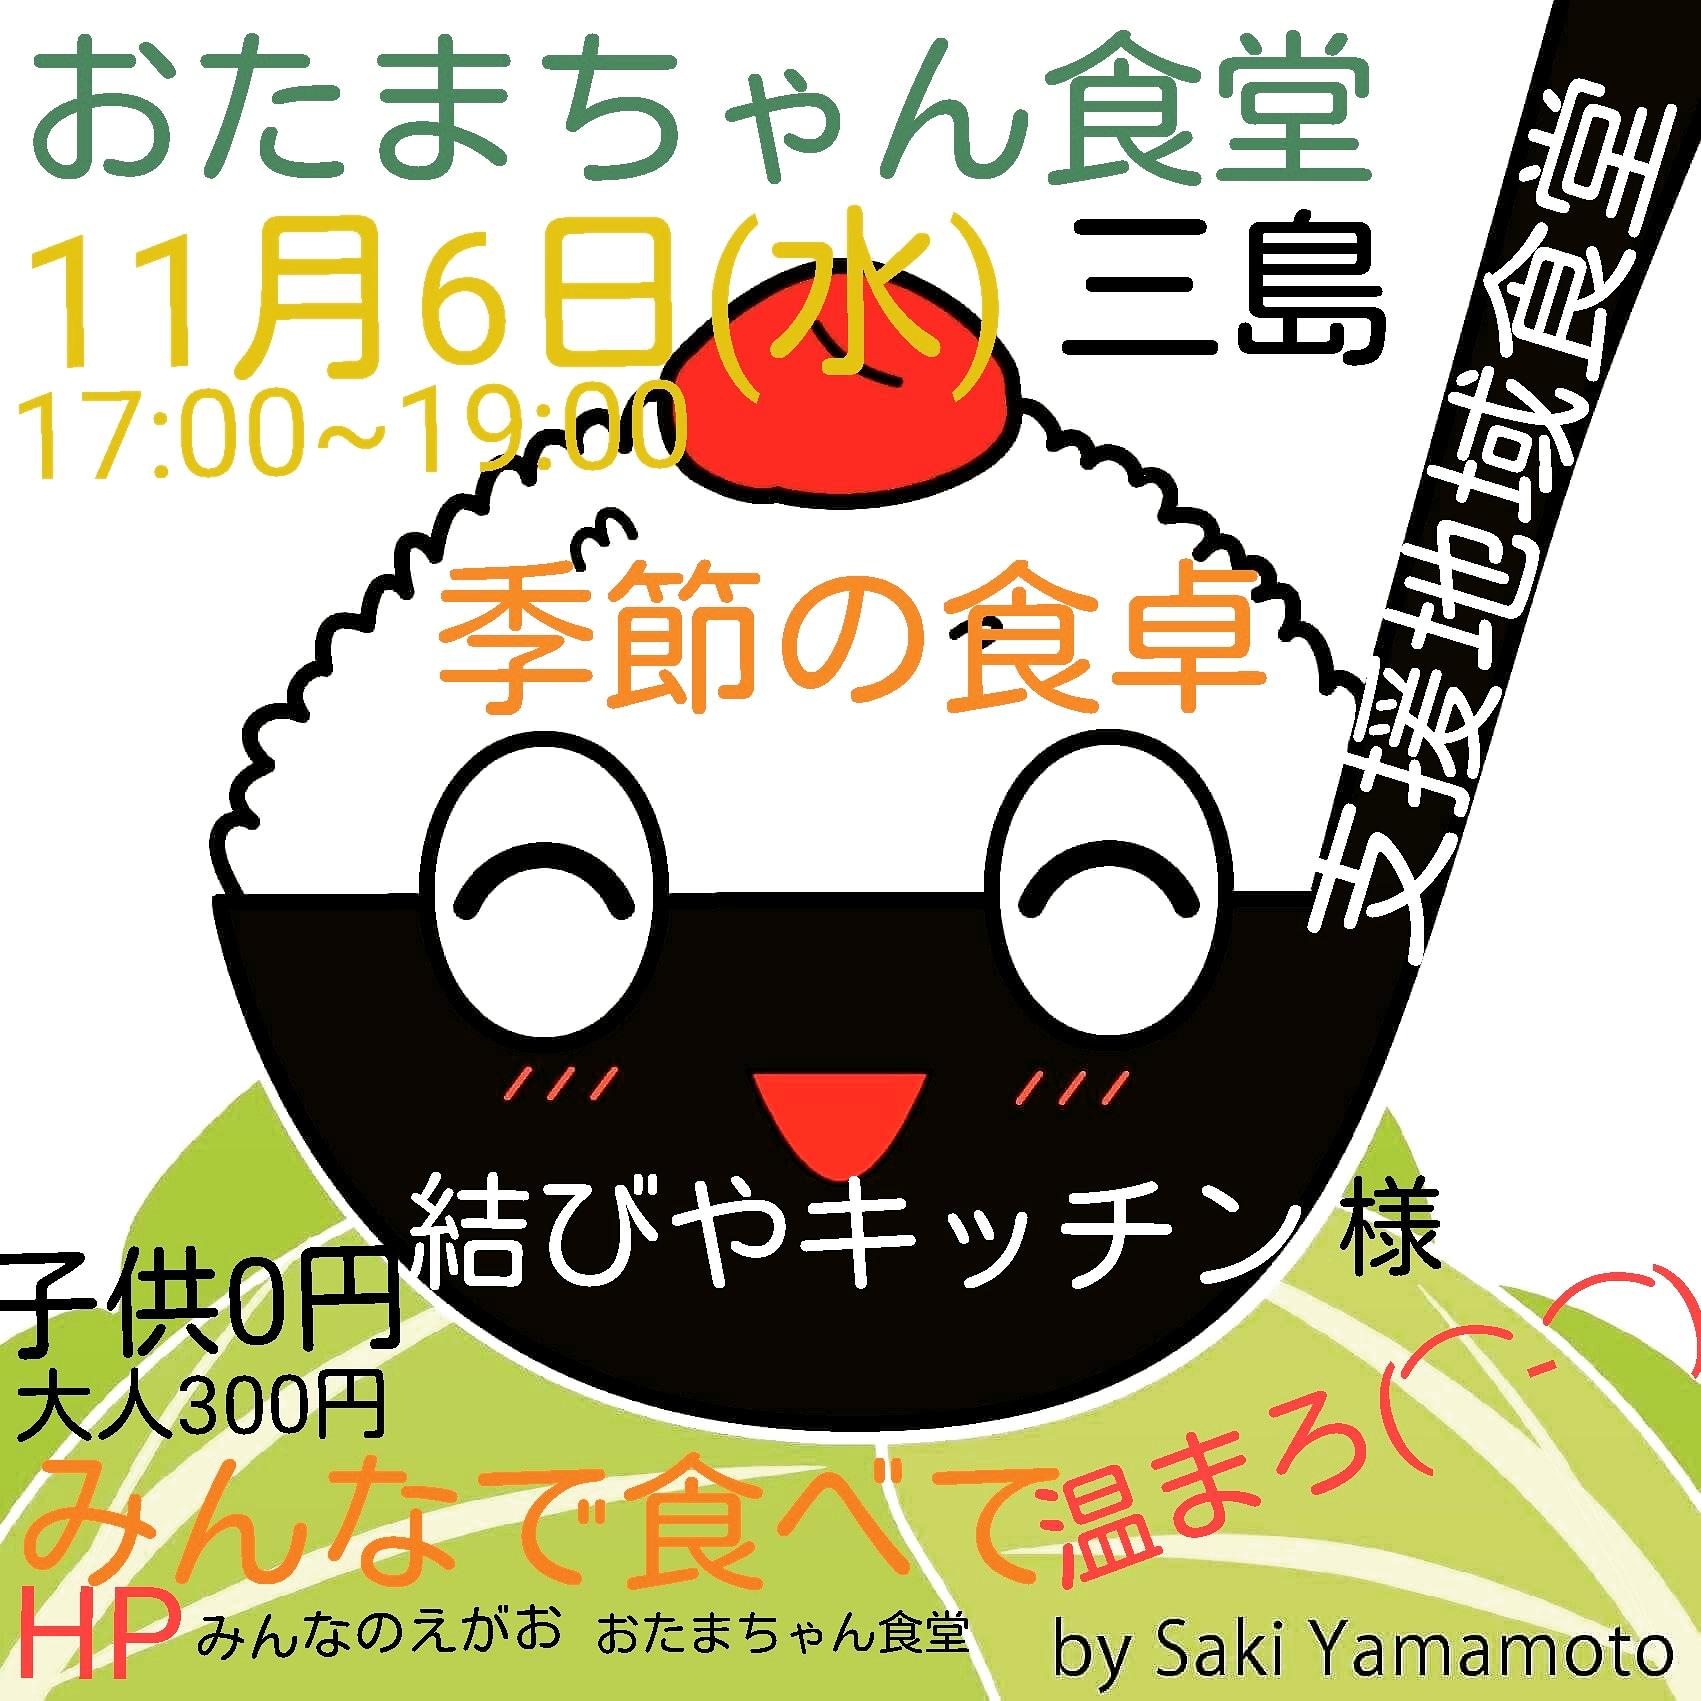 11月6日(水)17:00~ おたまちゃん食堂~始まりますよ~\(^o^)/